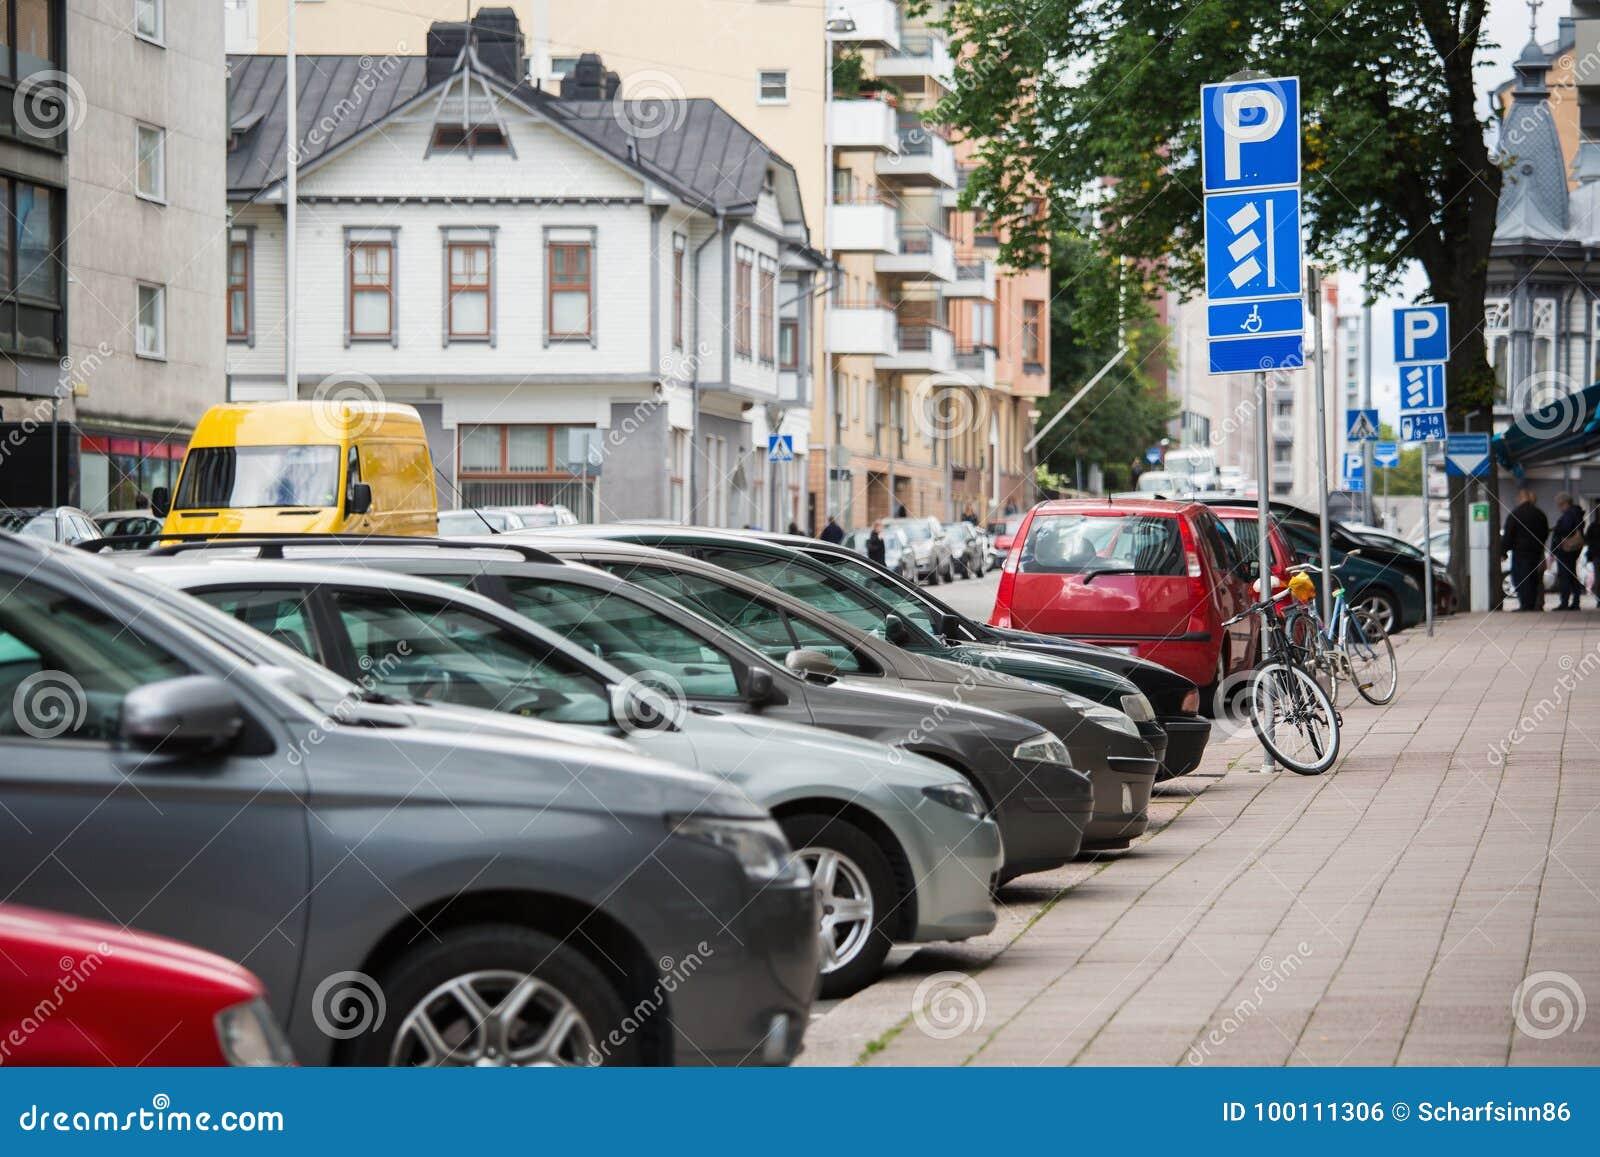 Bezpłatny parking